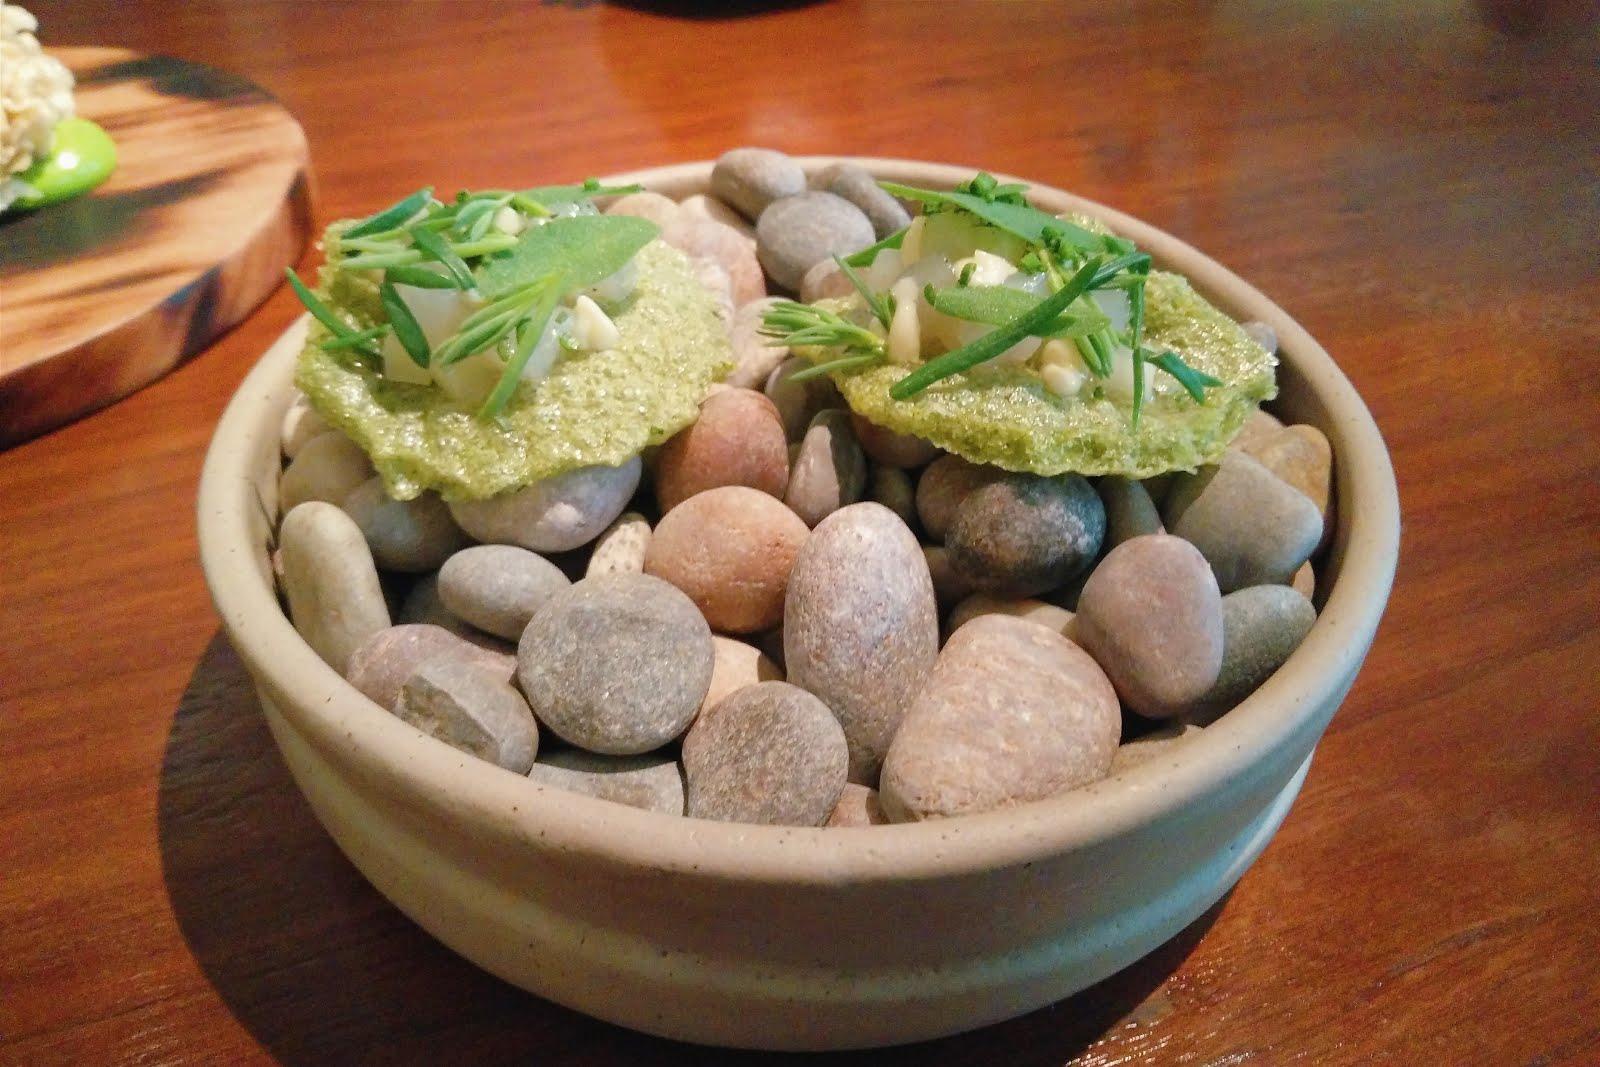 Seaweed crackers